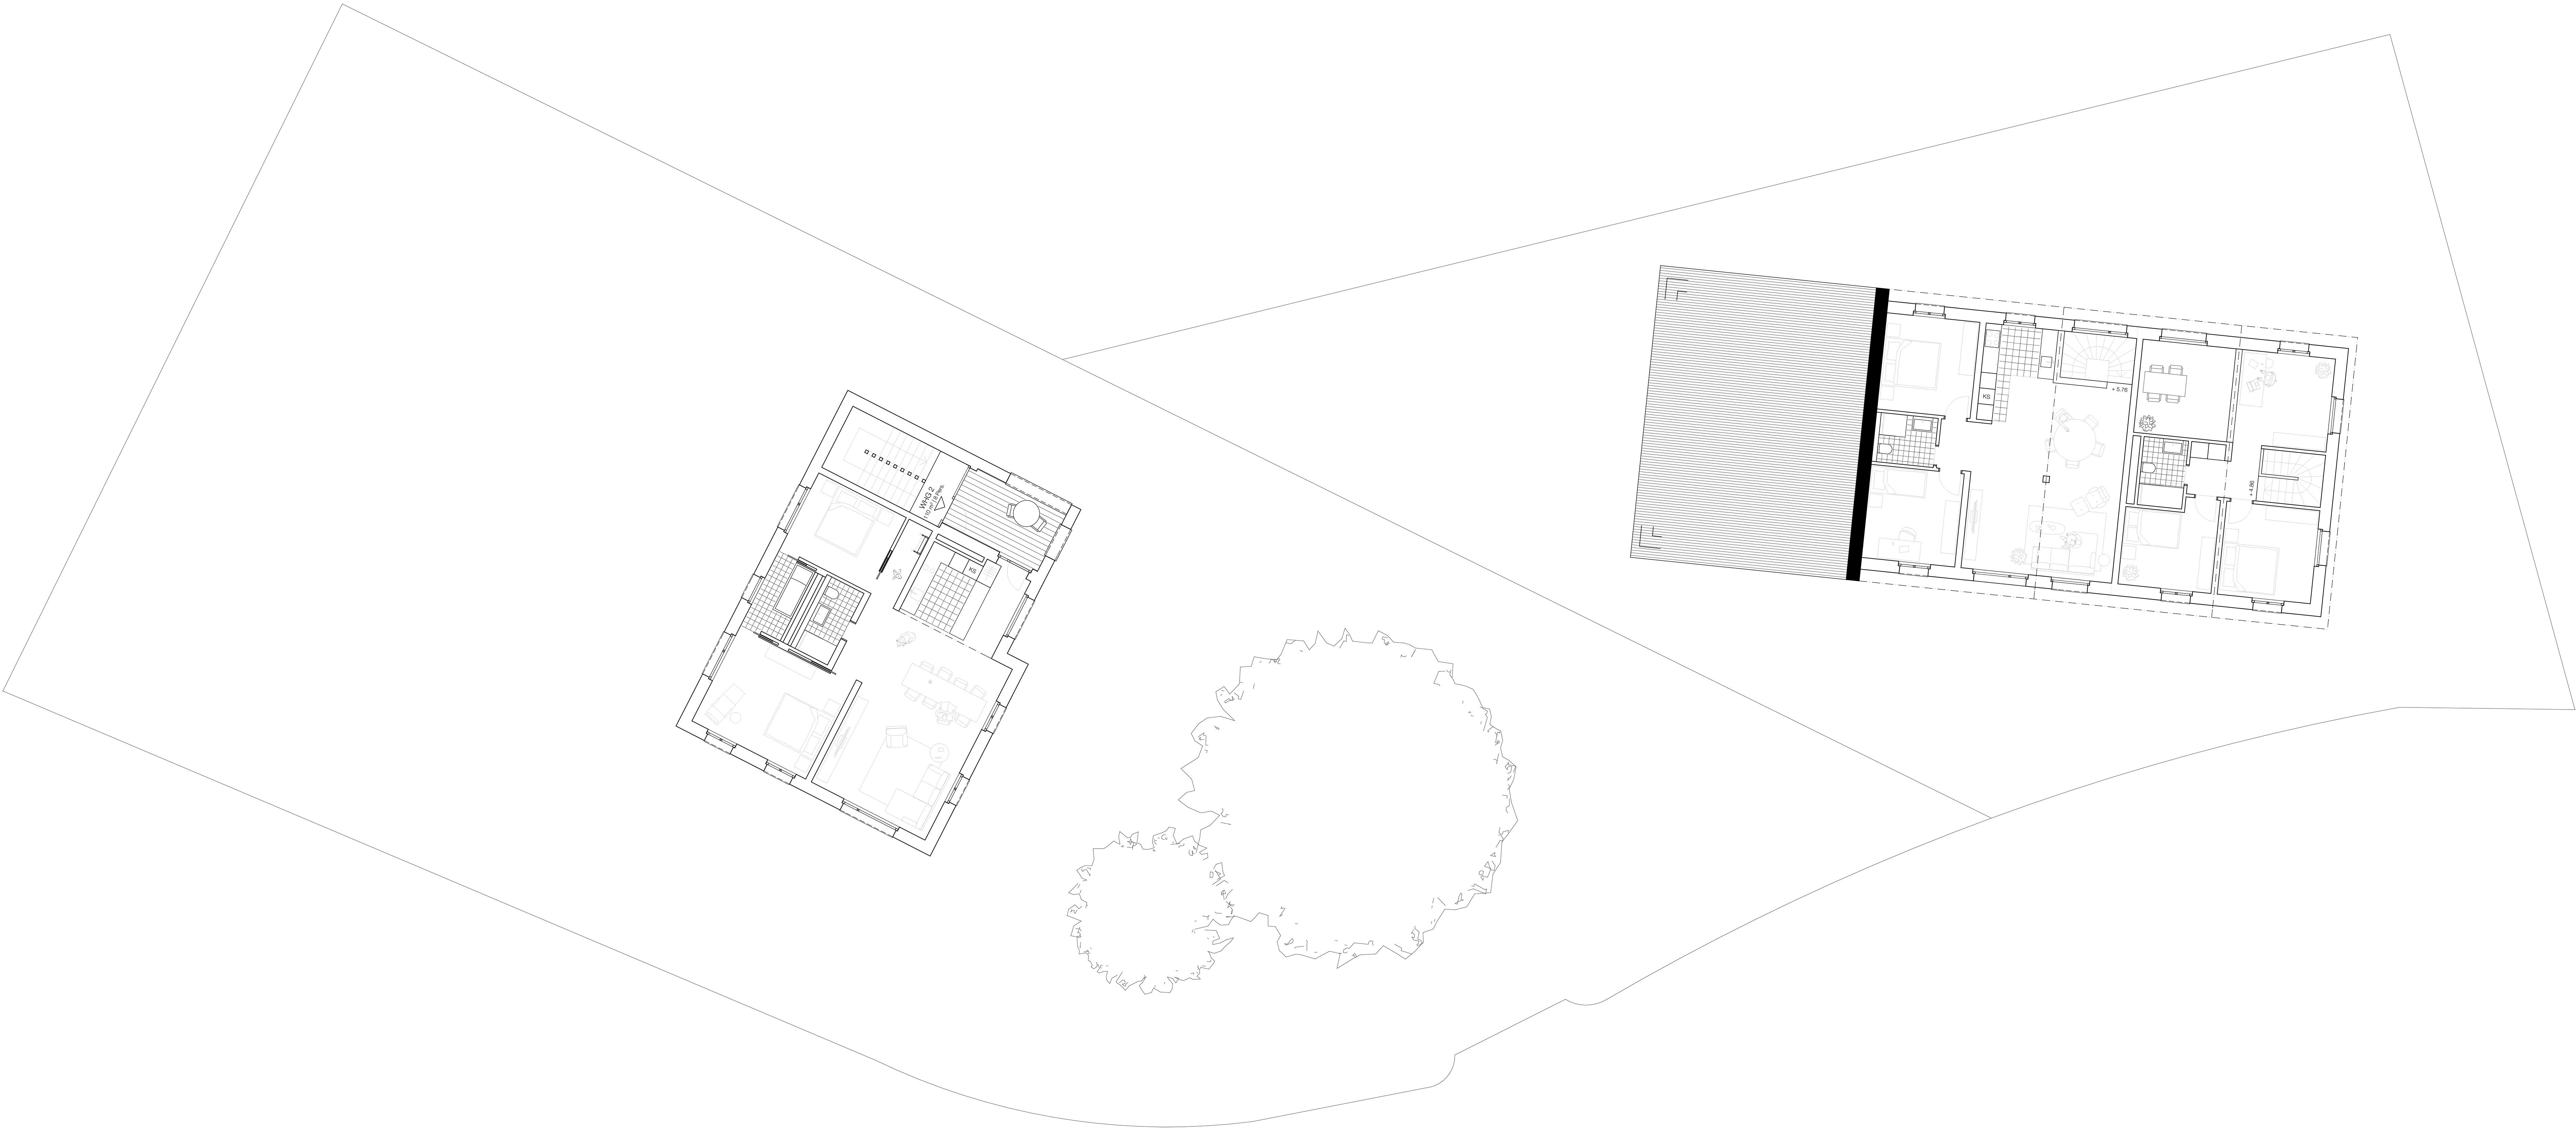 Machbarkeitsstudie Weiler Kirchbühl Sempach Bild 6